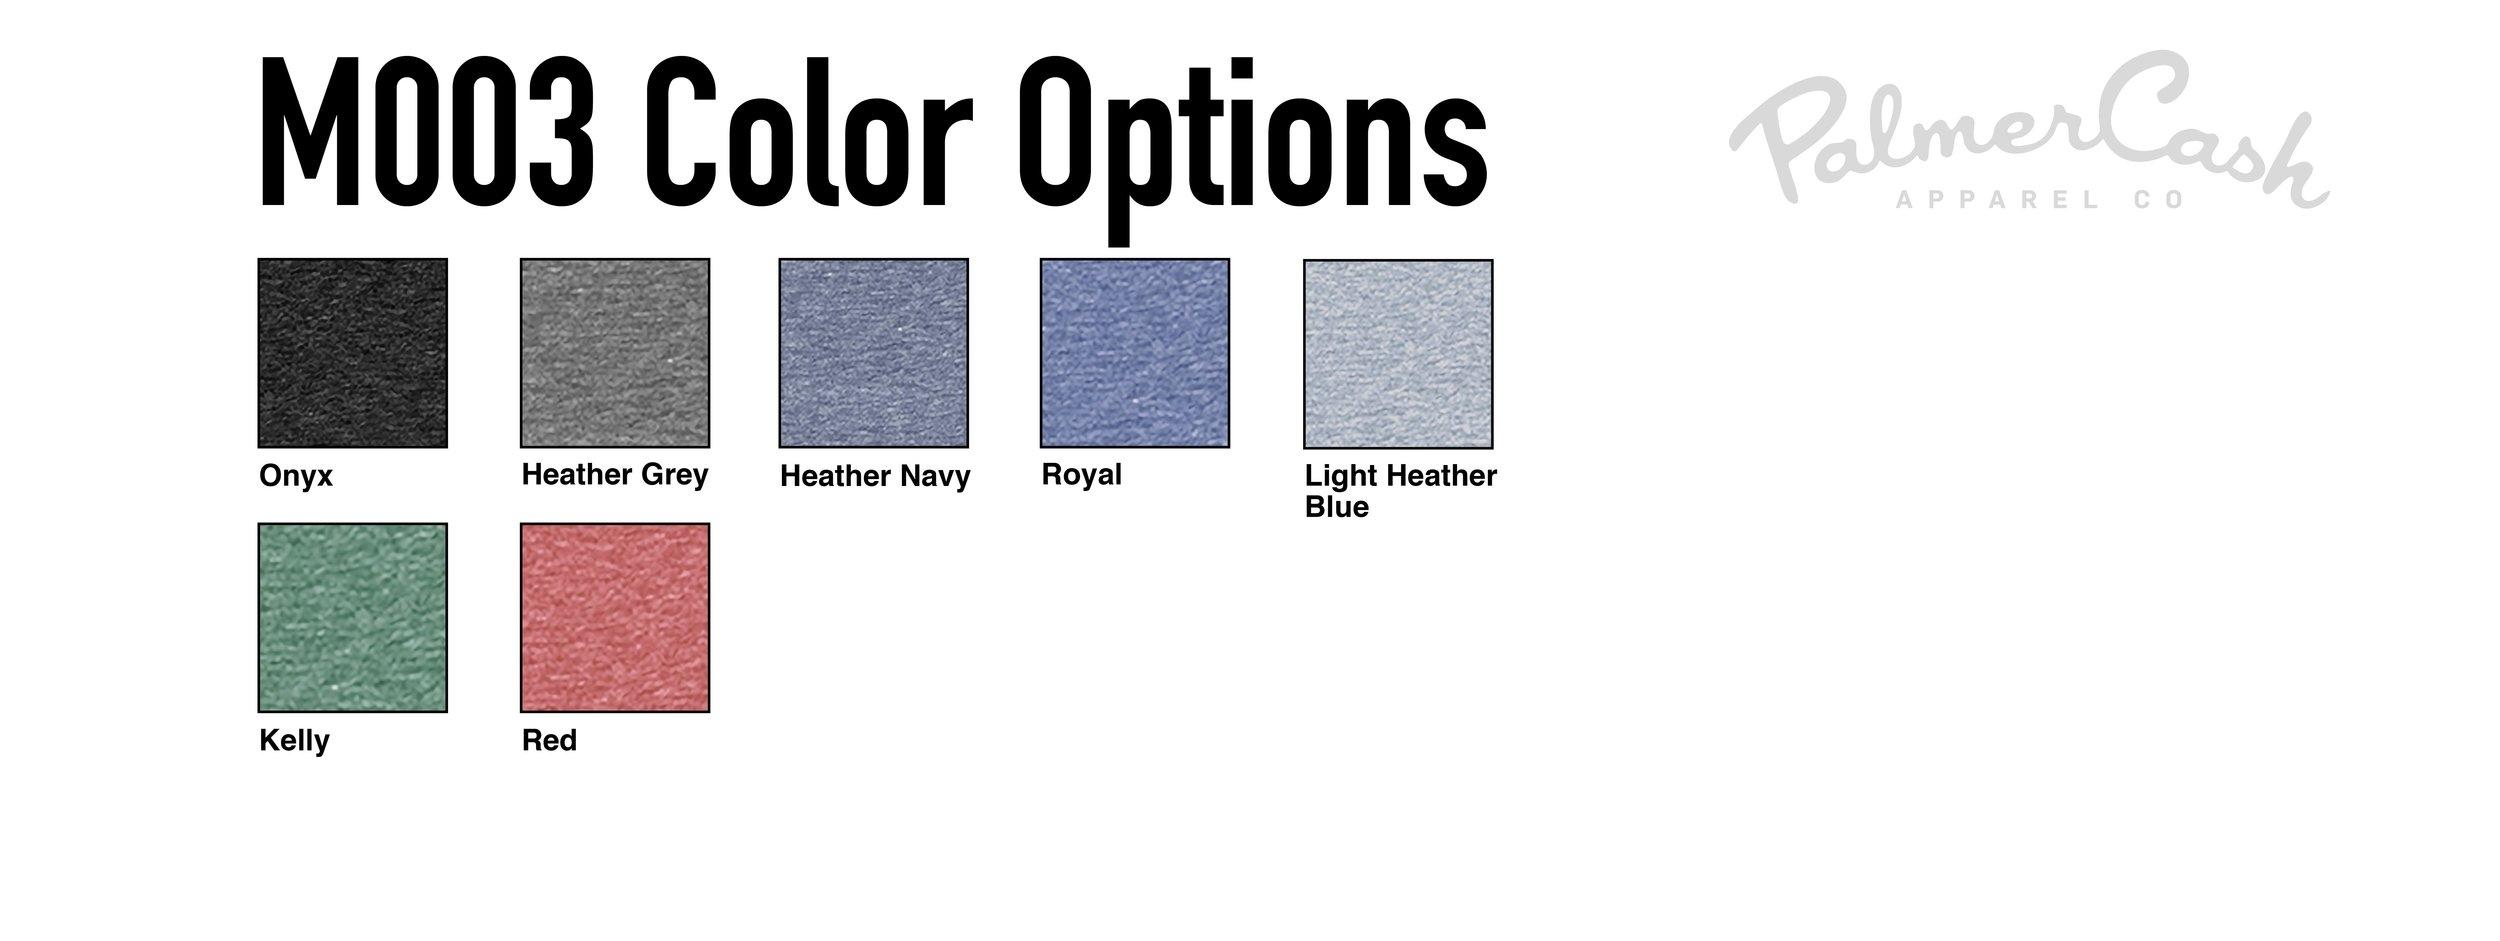 PC_M003_Color_Options-01.jpg